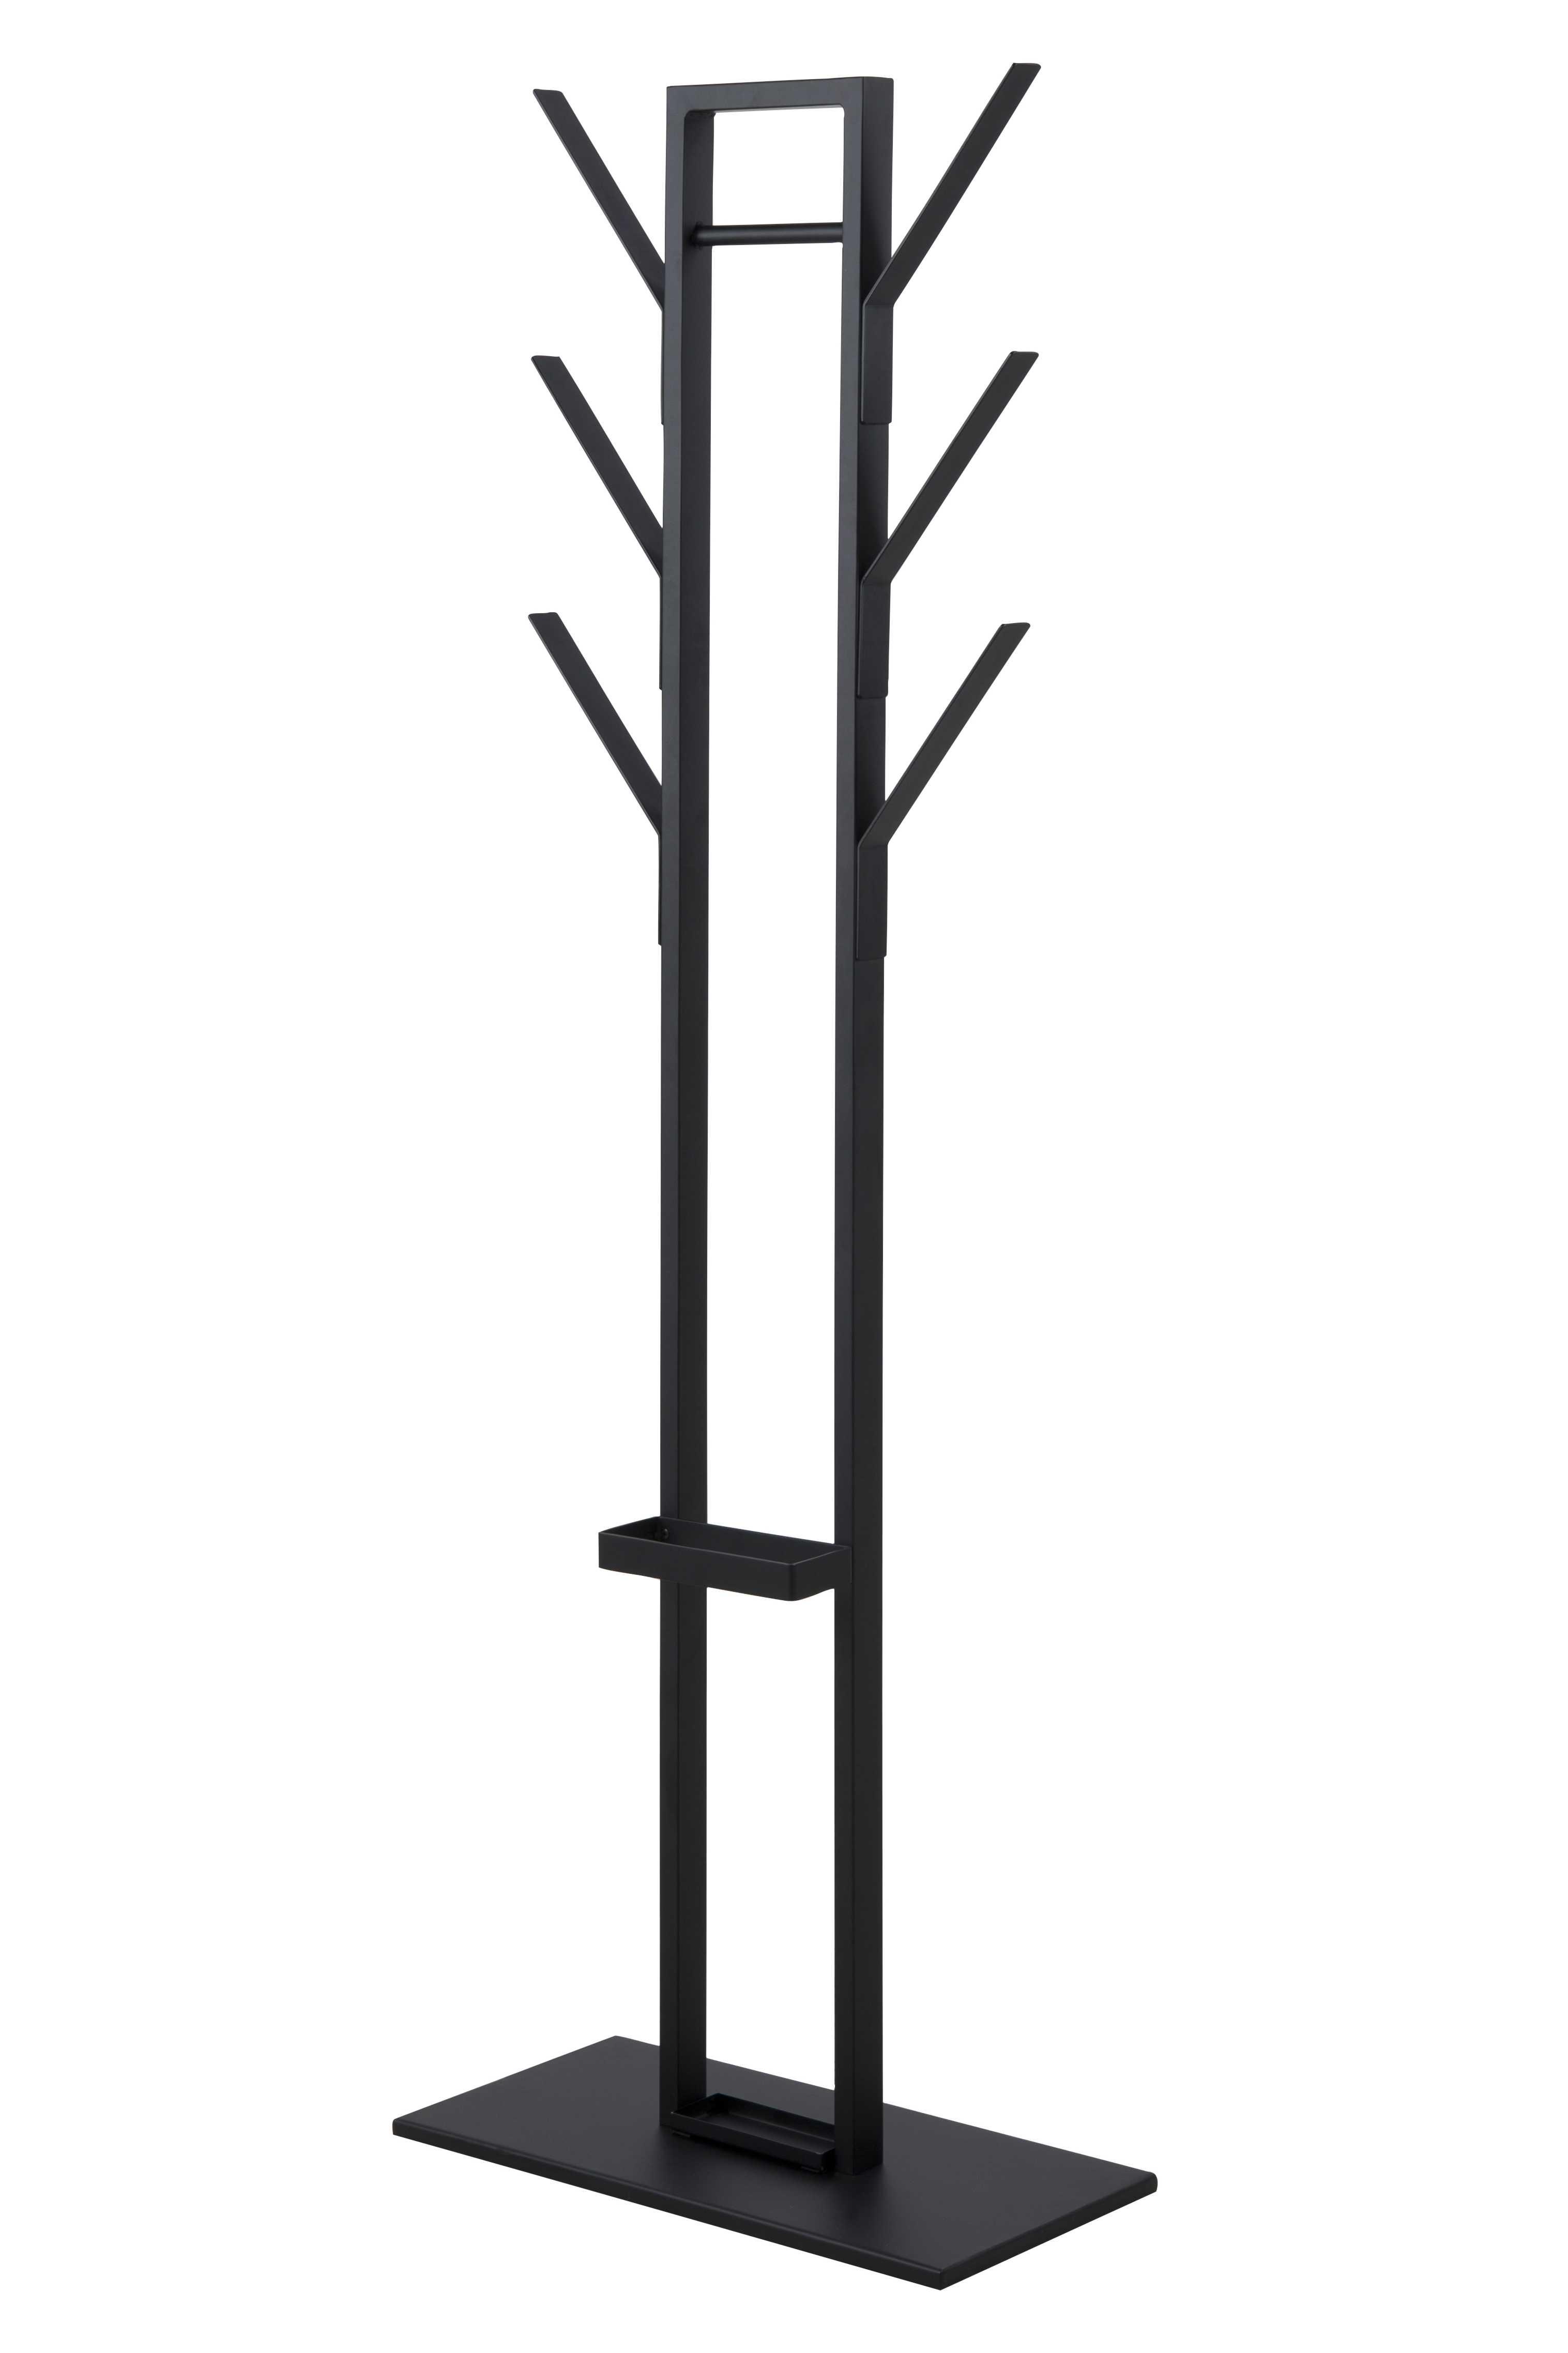 Vinson stumtjener - sort metal, inkl. paraplyholder